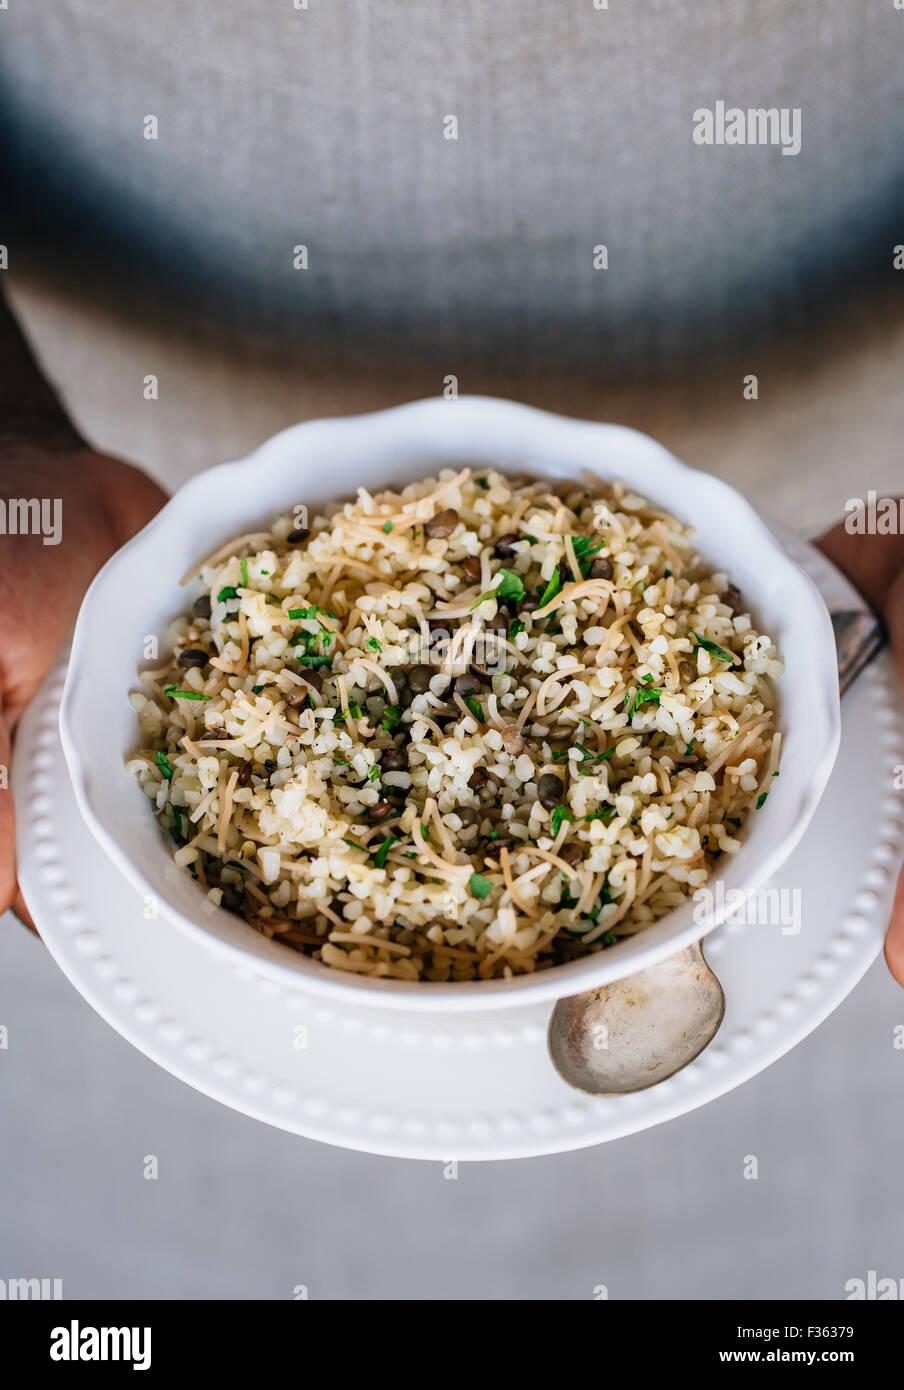 Una tazza di bulgur pilaf mescolato con le lenticchie e le erbe fresche sono nelle mani di un uomo che indossa un Immagini Stock